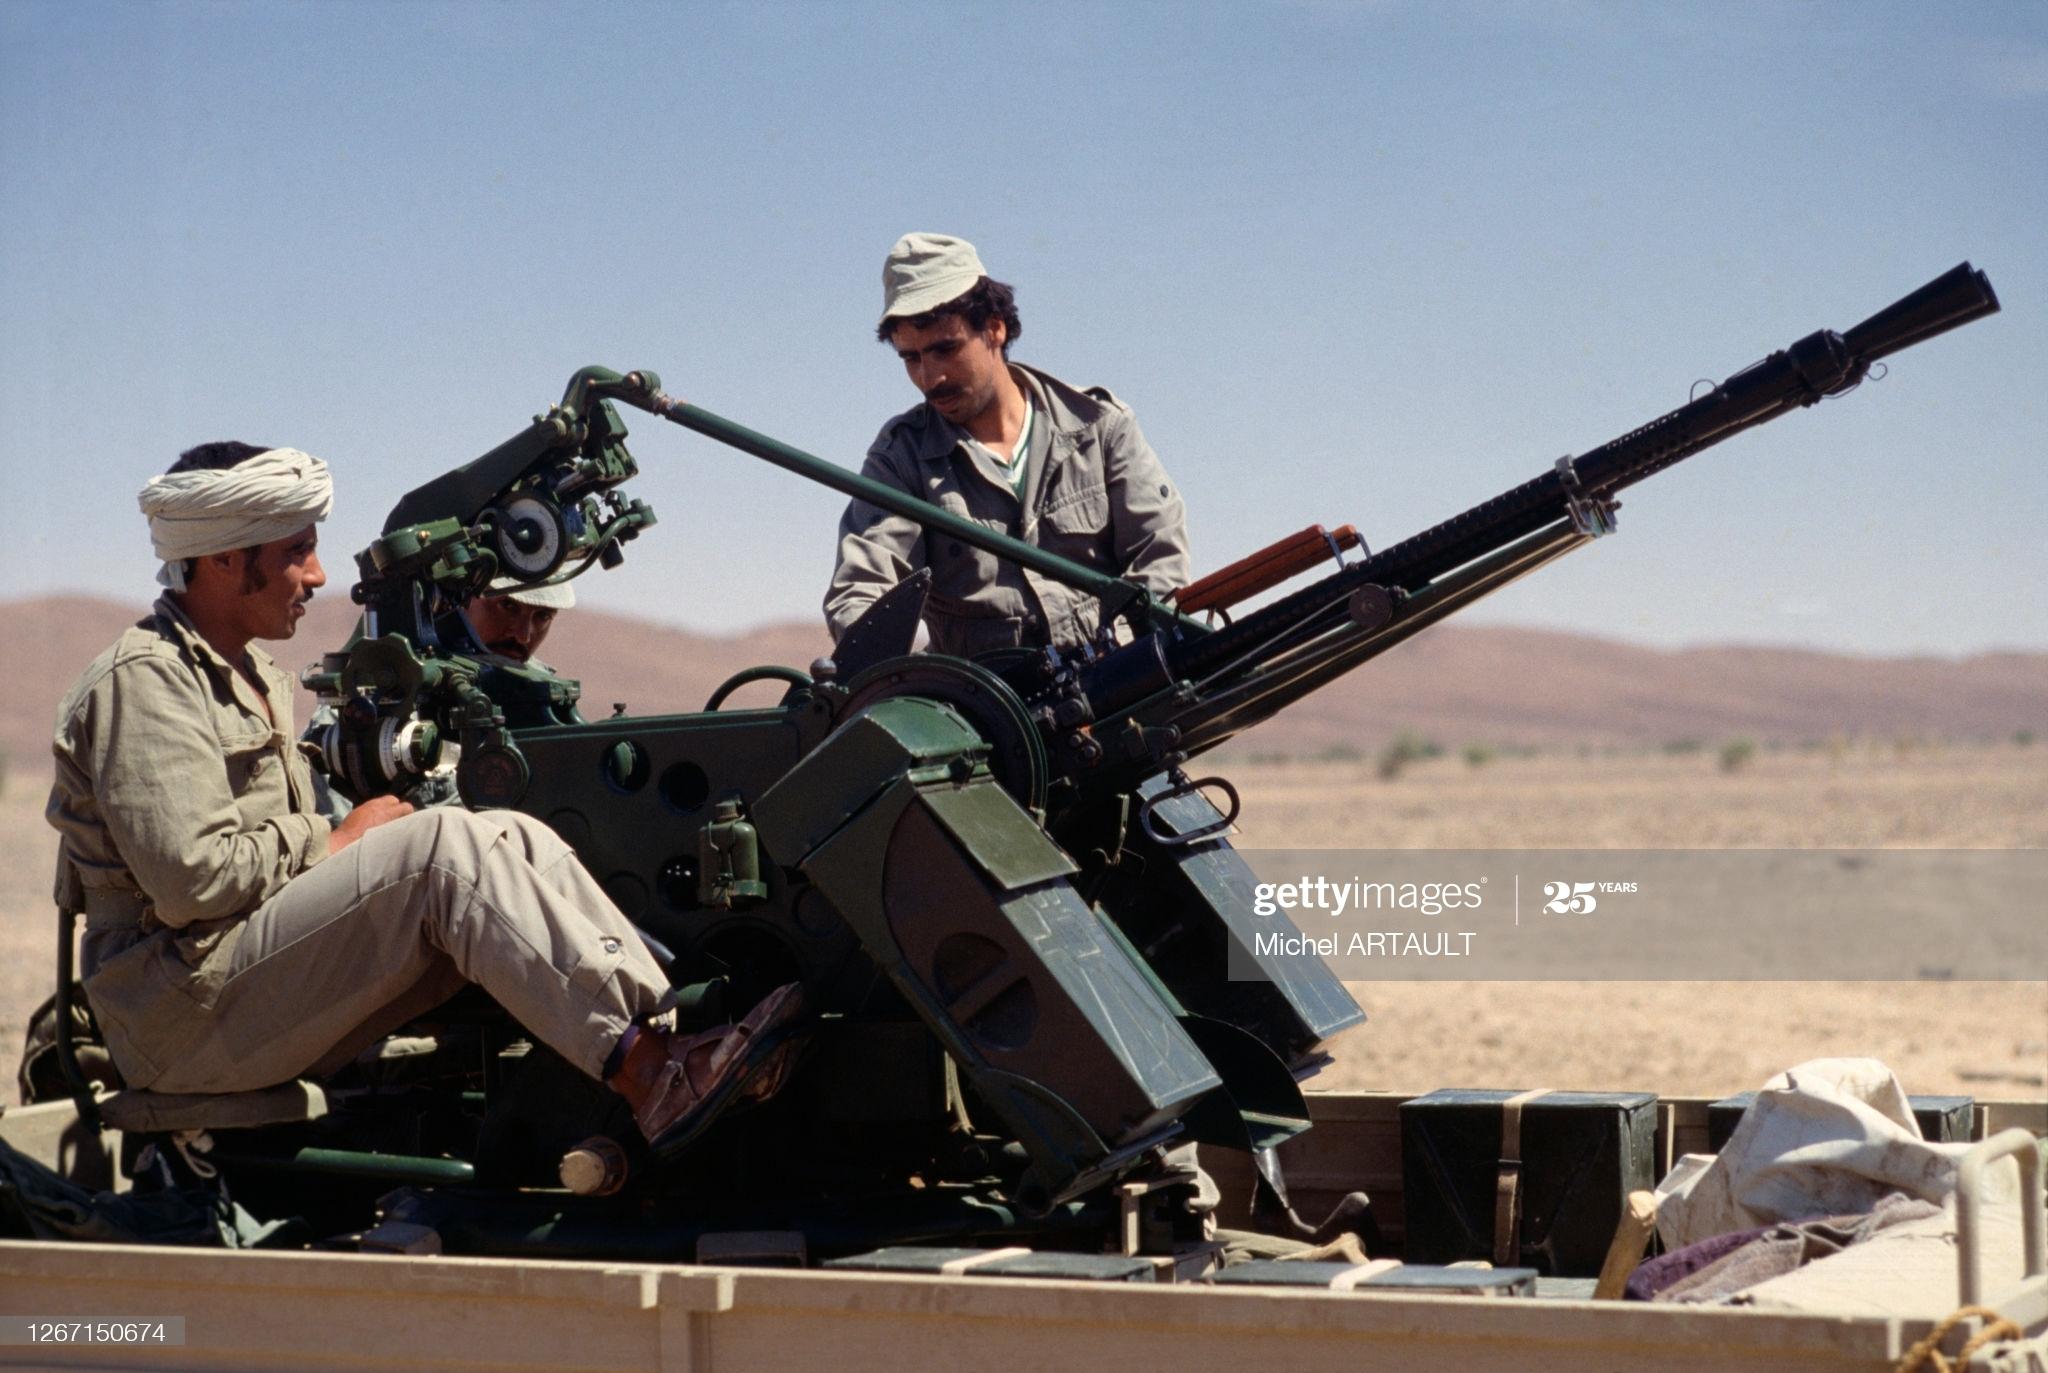 Le conflit armé du sahara marocain - Page 13 50317198761_7ea6864964_o_d